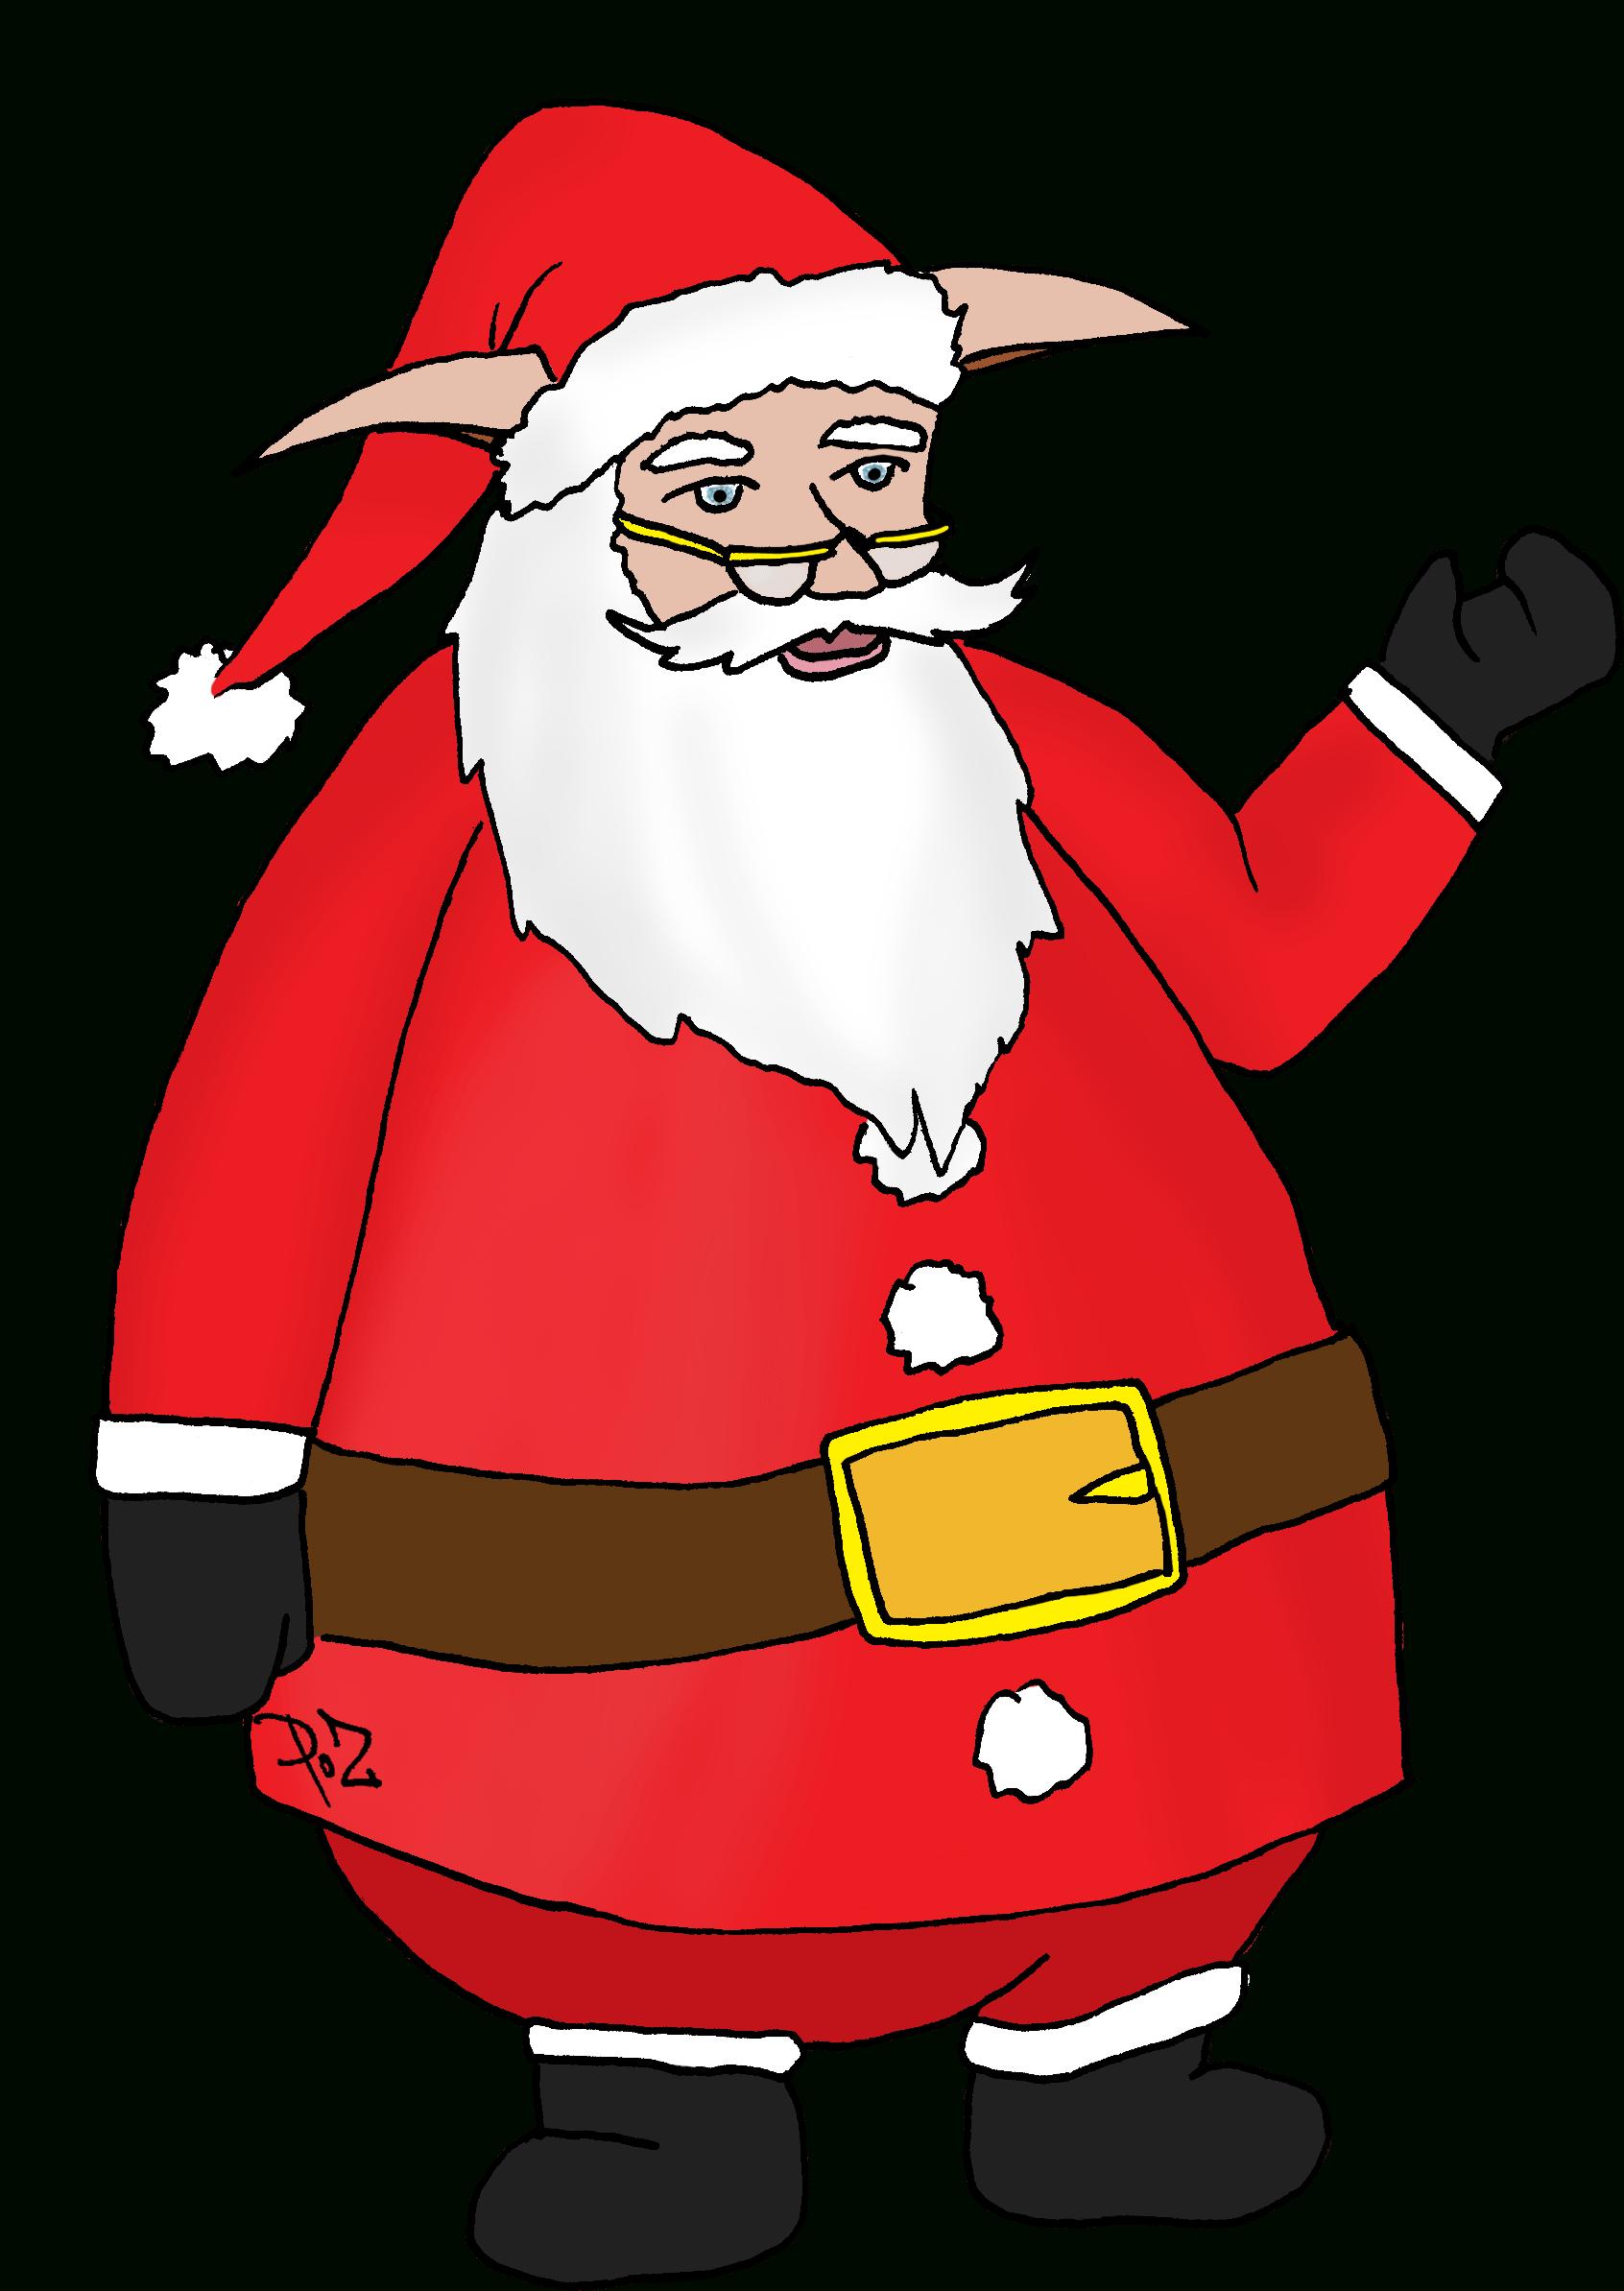 Coloriage Pere Noel A Imprimer Gratuit - Santa Claus Clipart pour Coloriage De Père Noel Gratuit A Imprimer